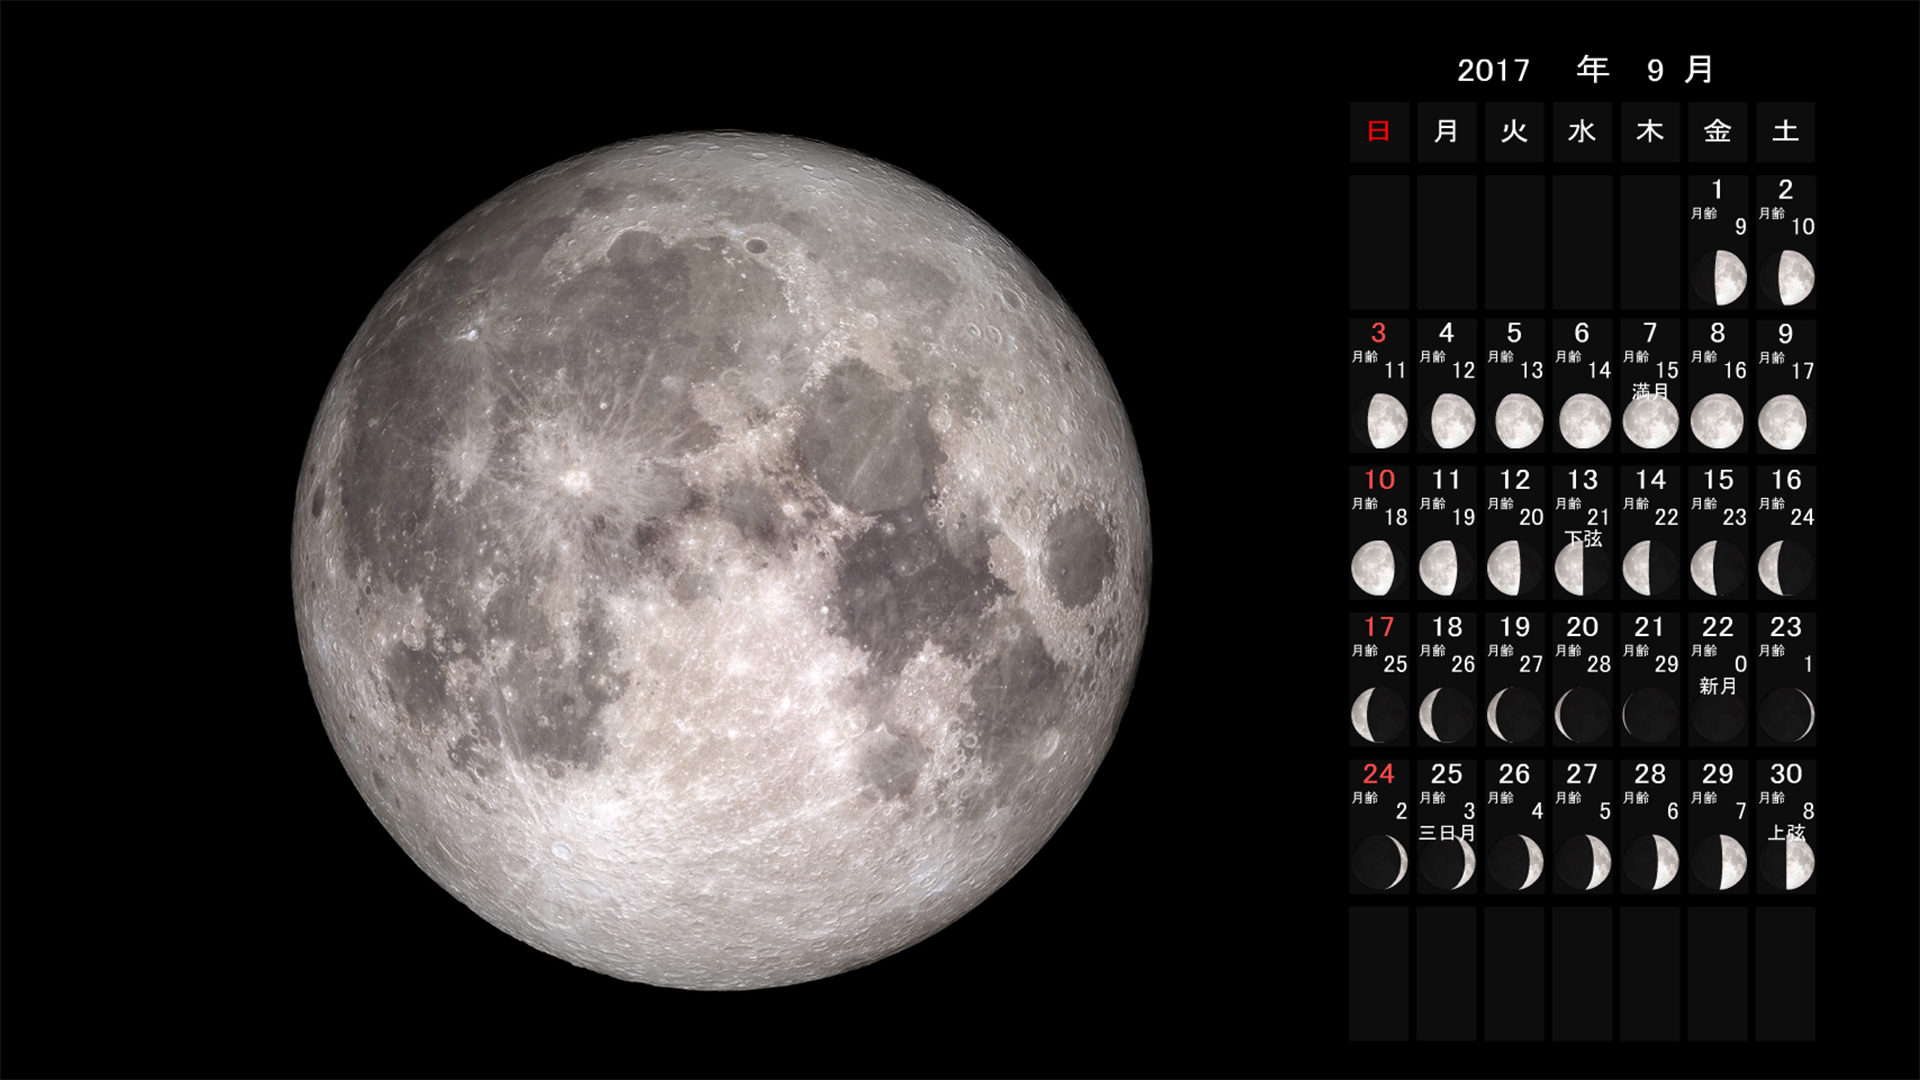 月齢カレンダー 17年9月 Pc スマートフォンの壁紙 スマートマイズ